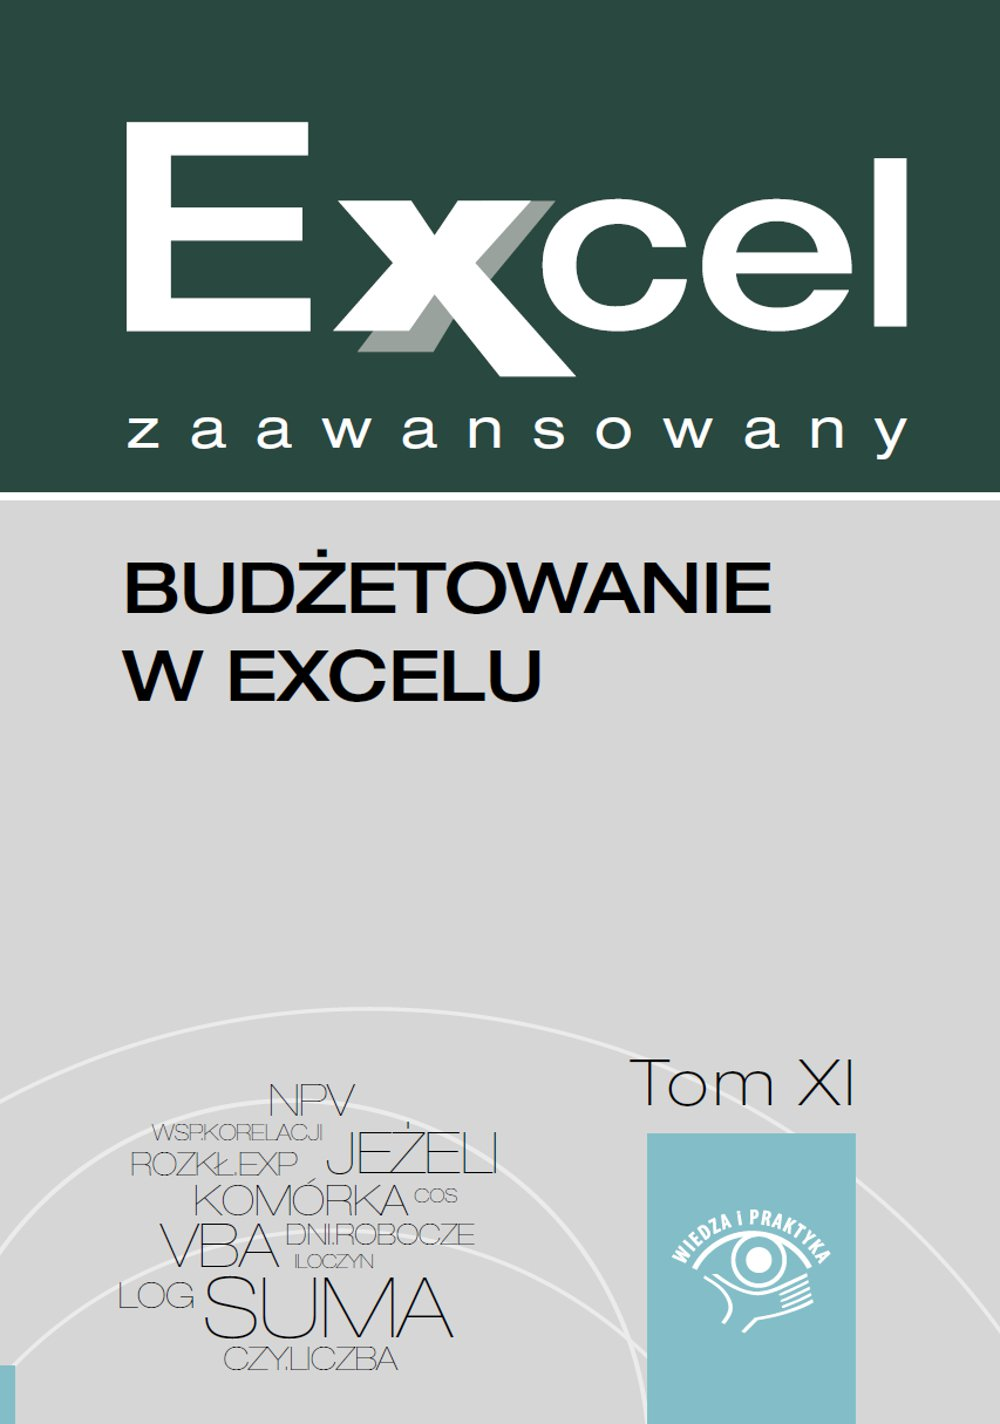 Budżetowanie w Excelu - Ebook (Książka PDF) do pobrania w formacie PDF